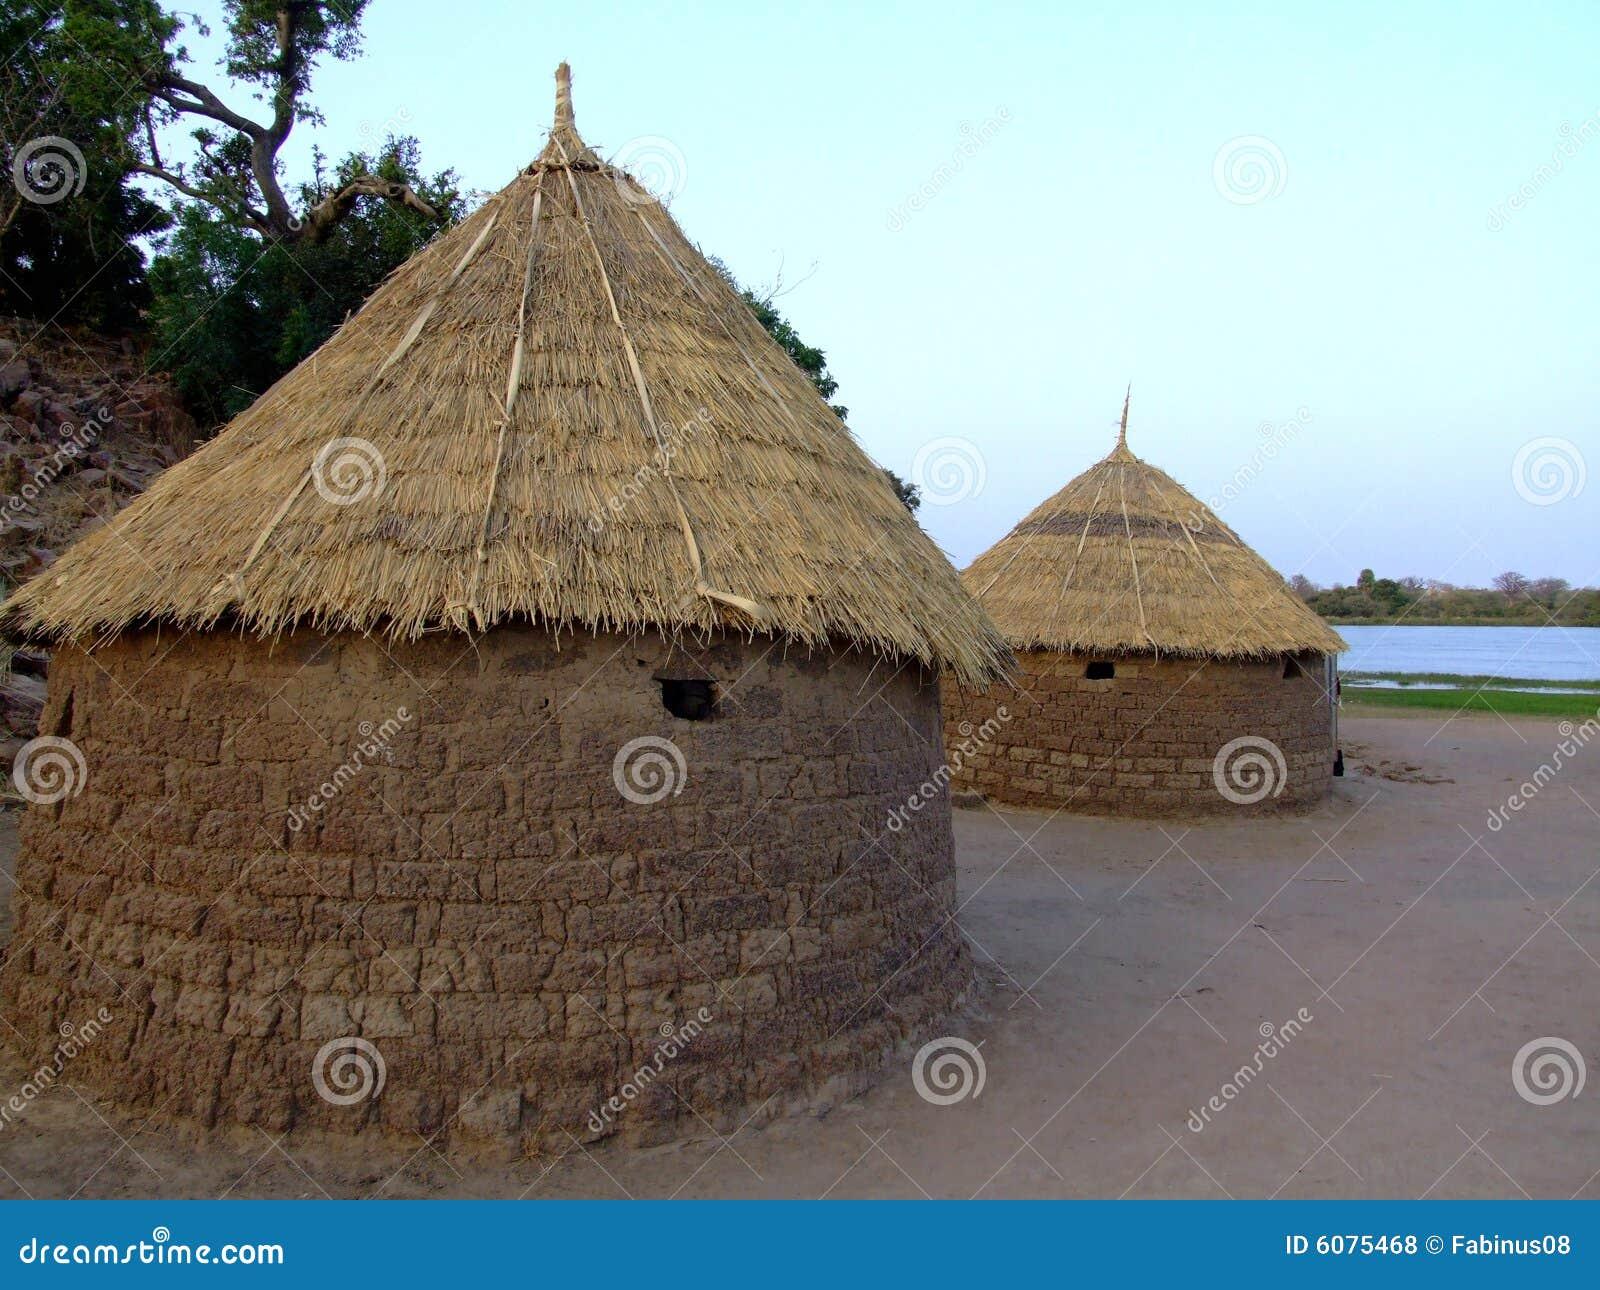 Maison africaine photos libres de droits image 6075468 for Plan de maison africaine